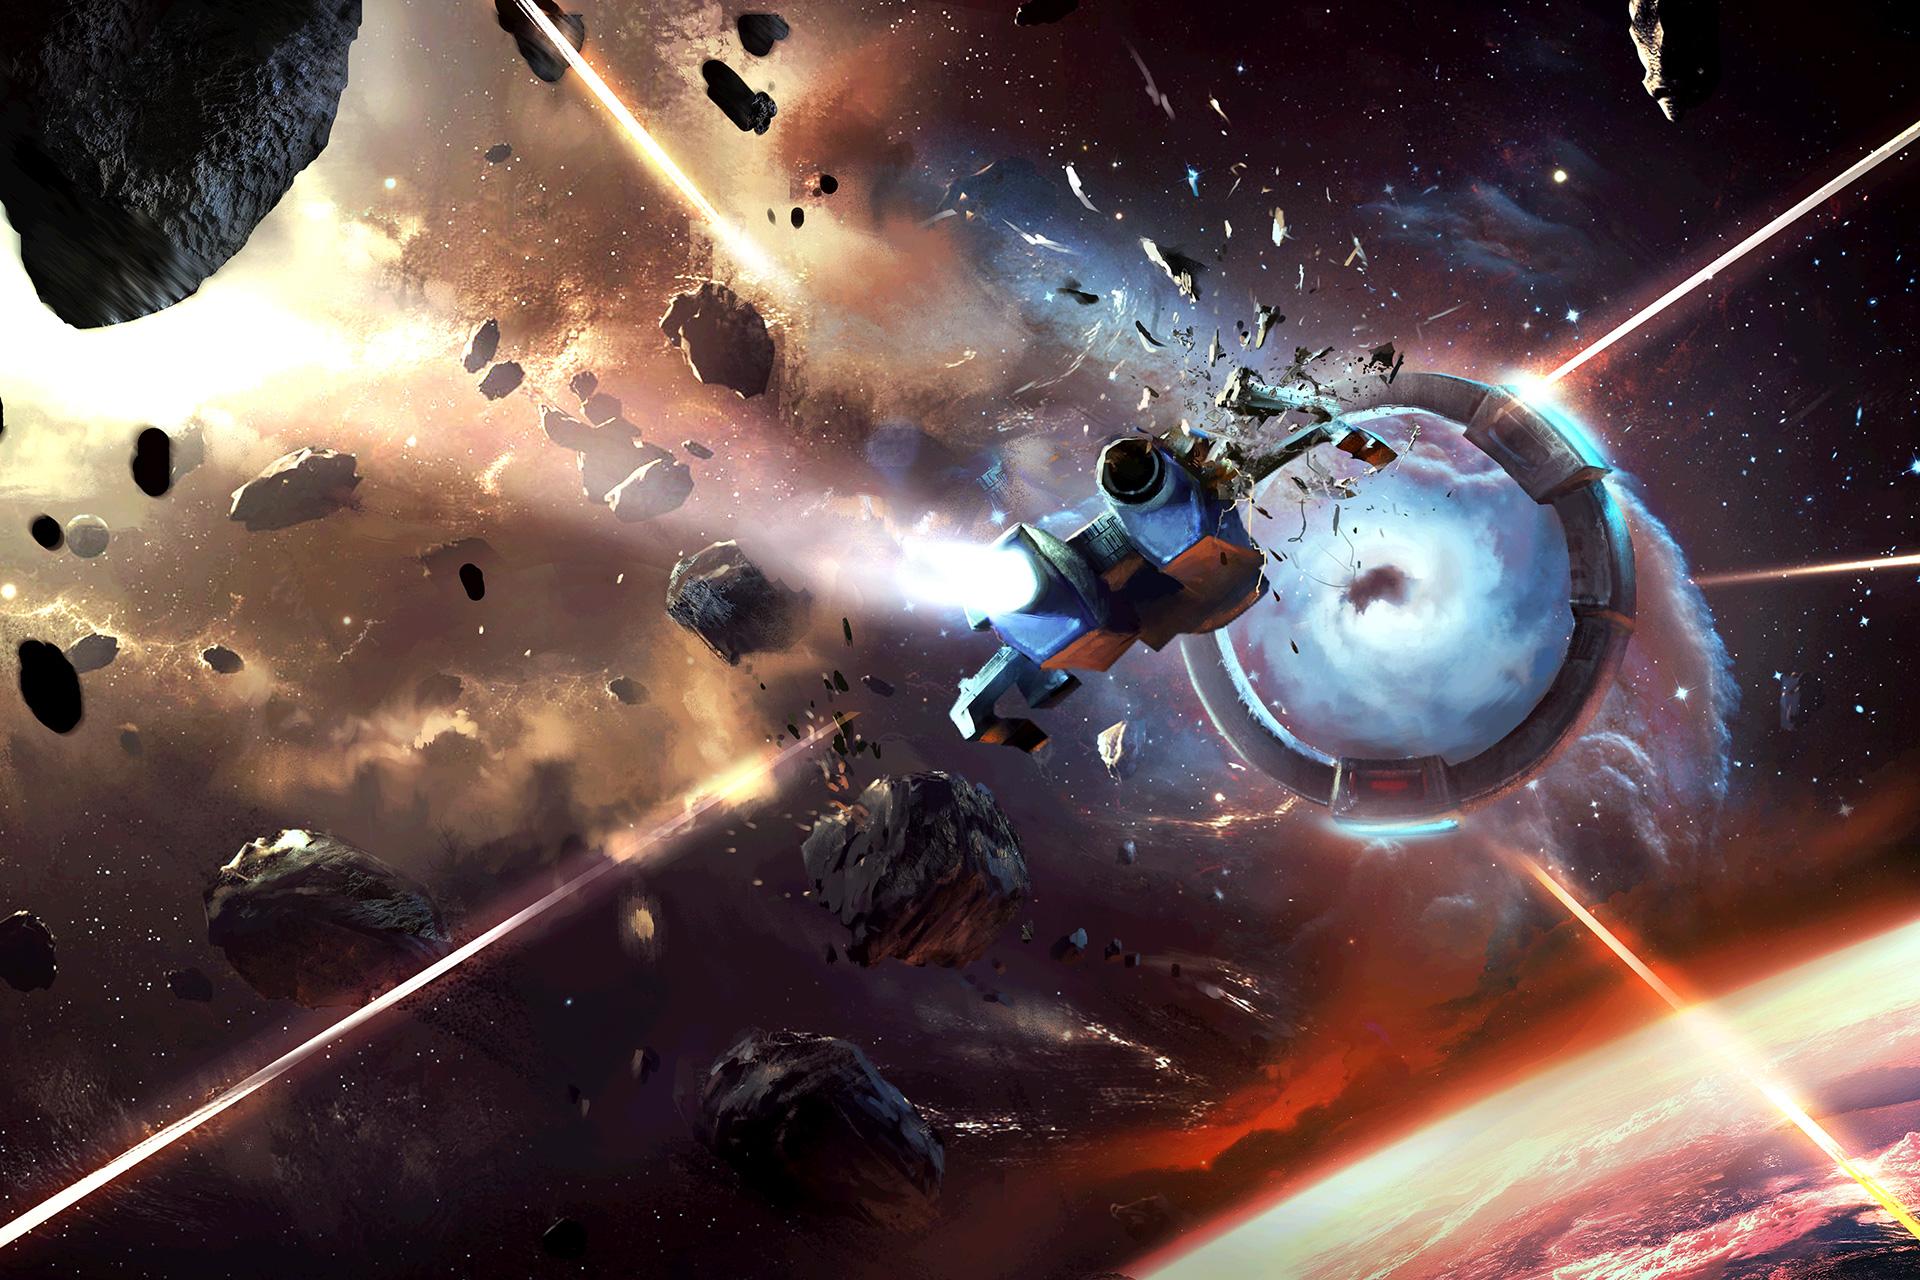 Sid Meier's Starships Trailer